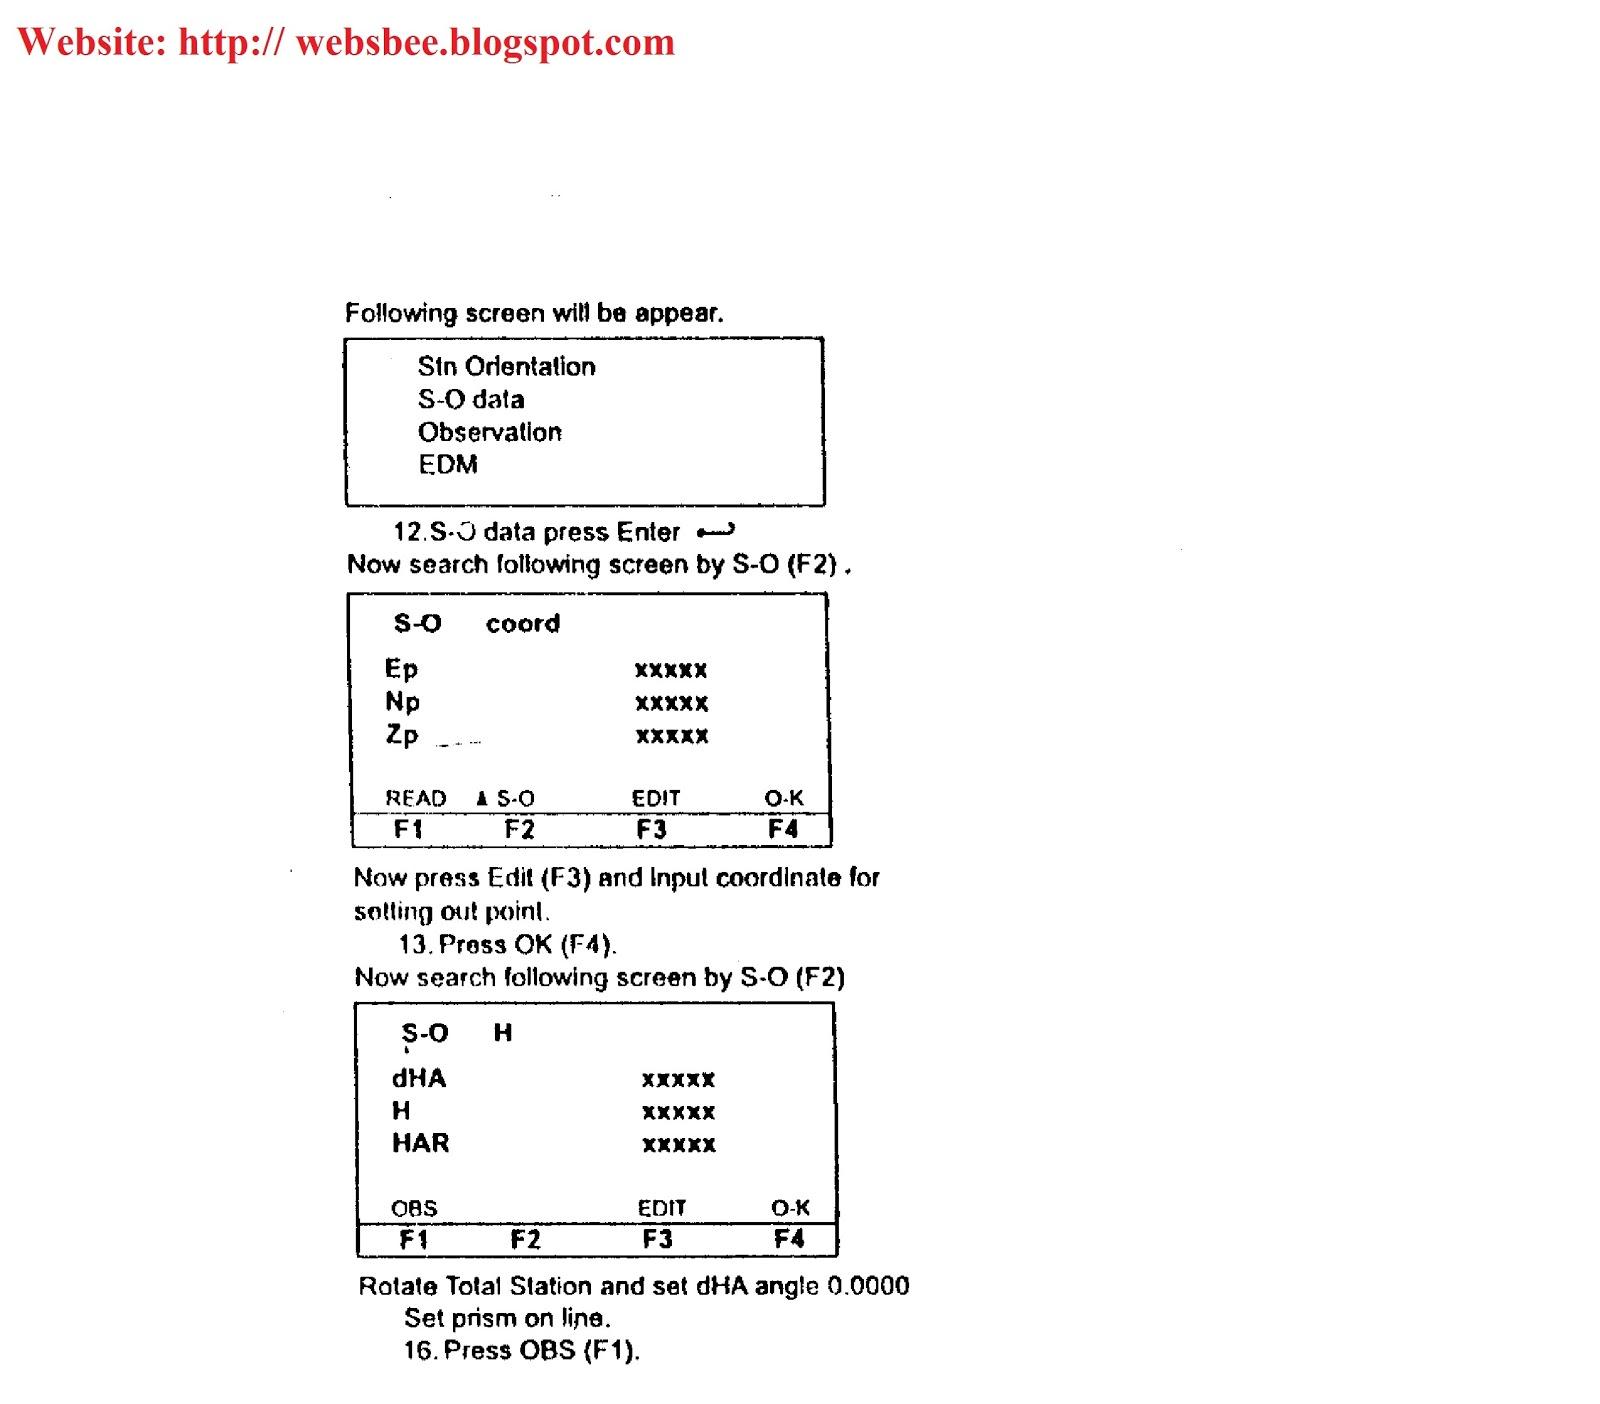 primavera p6 training manual course 106 pdf